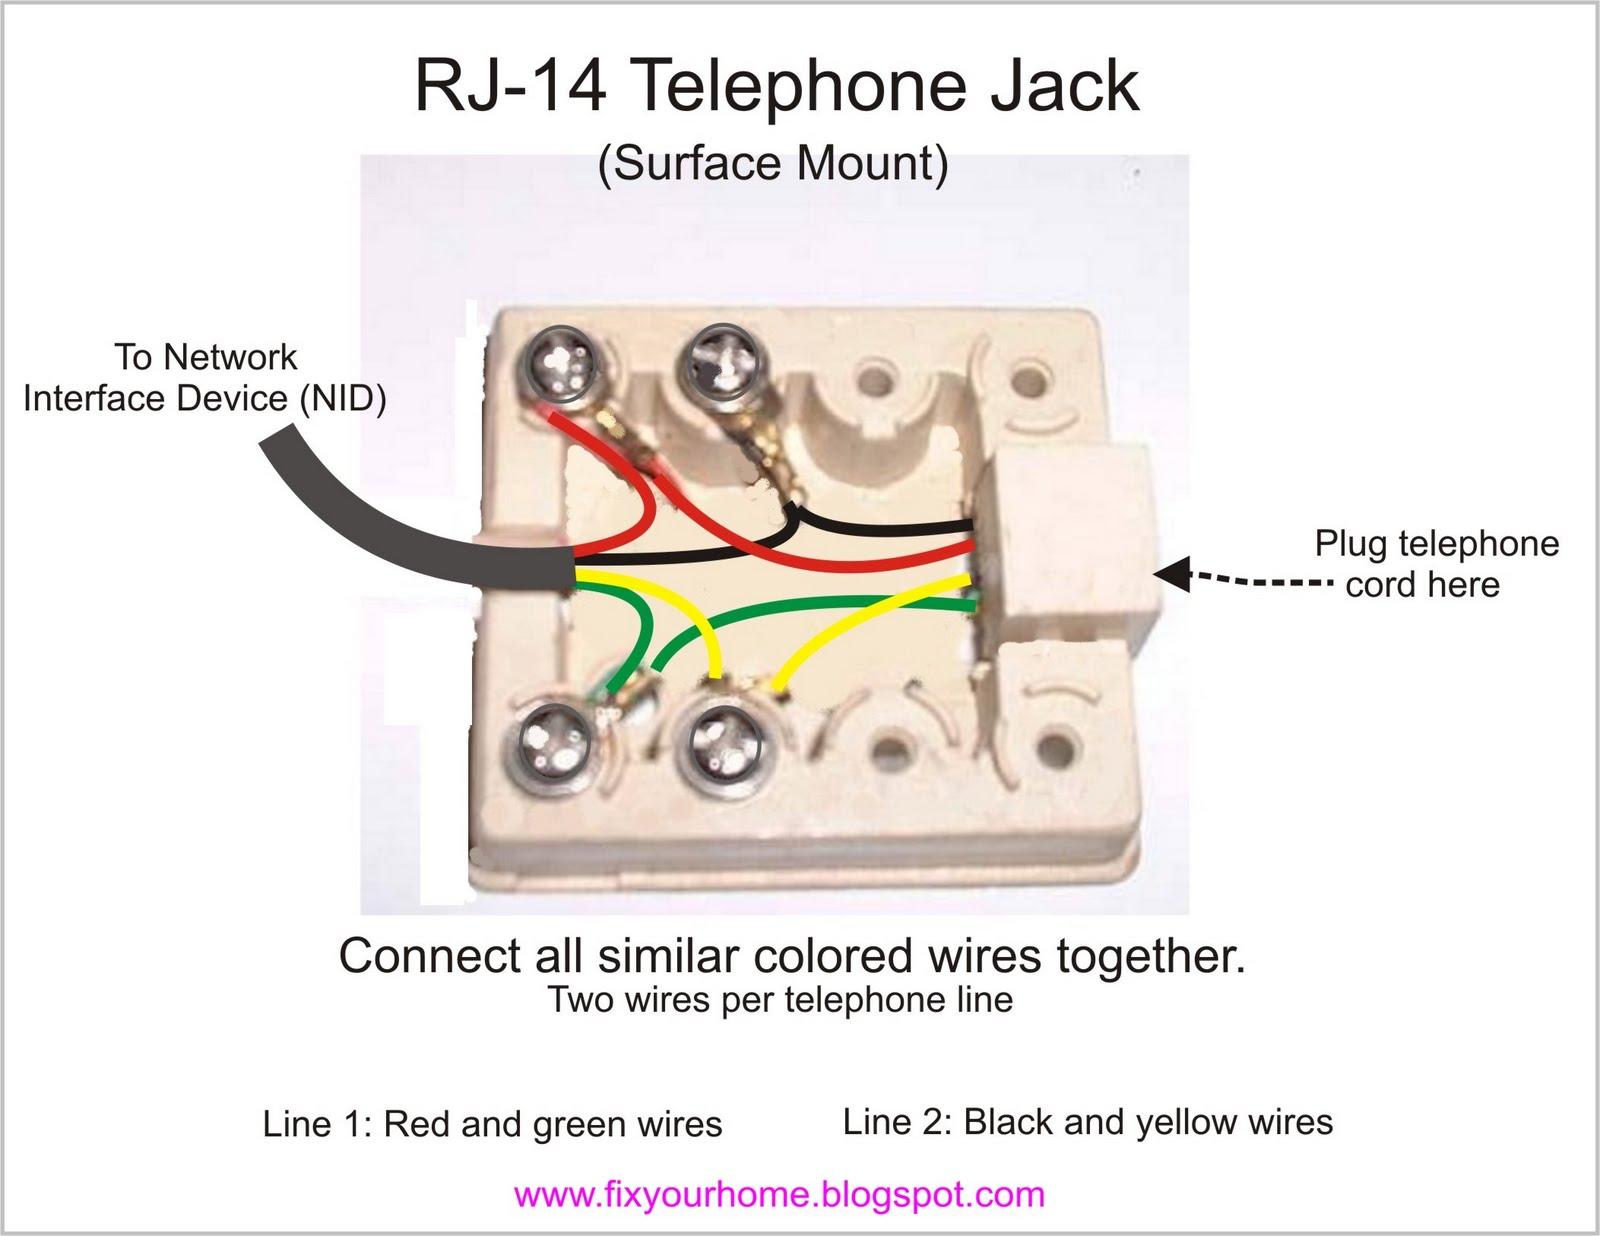 telephone jack rj11 jack wiring diagram telephone jack wiring lair dego2 vdstappen loonen nl  telephone jack wiring lair dego2